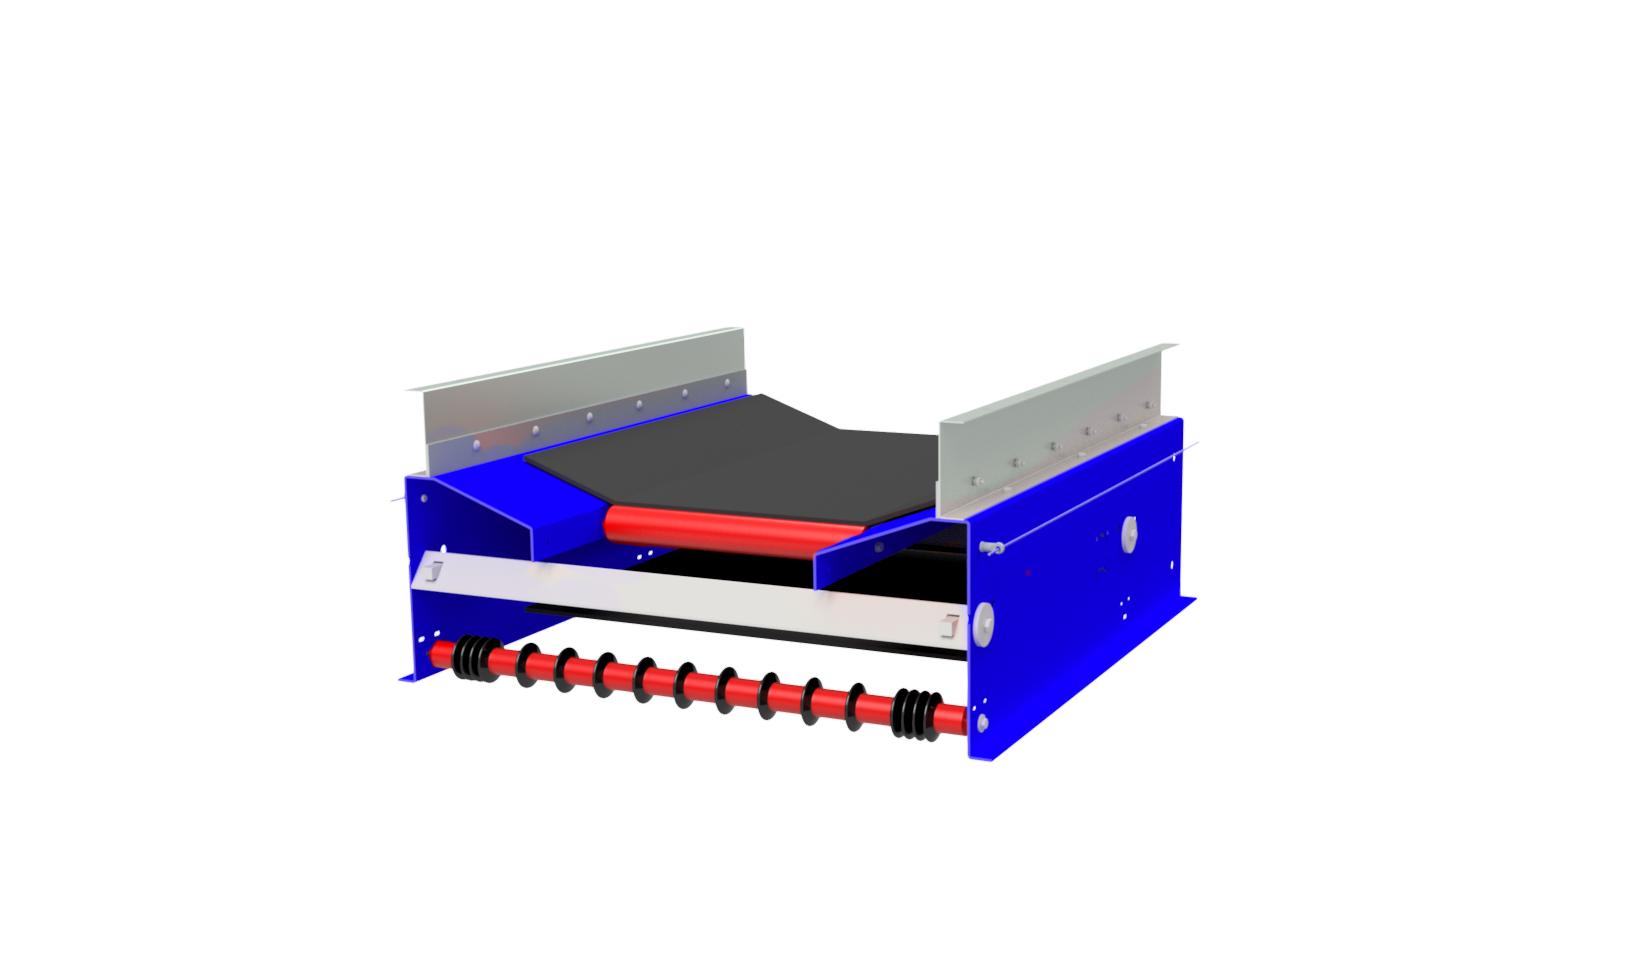 WENDT Steelcon Standard Conveyor